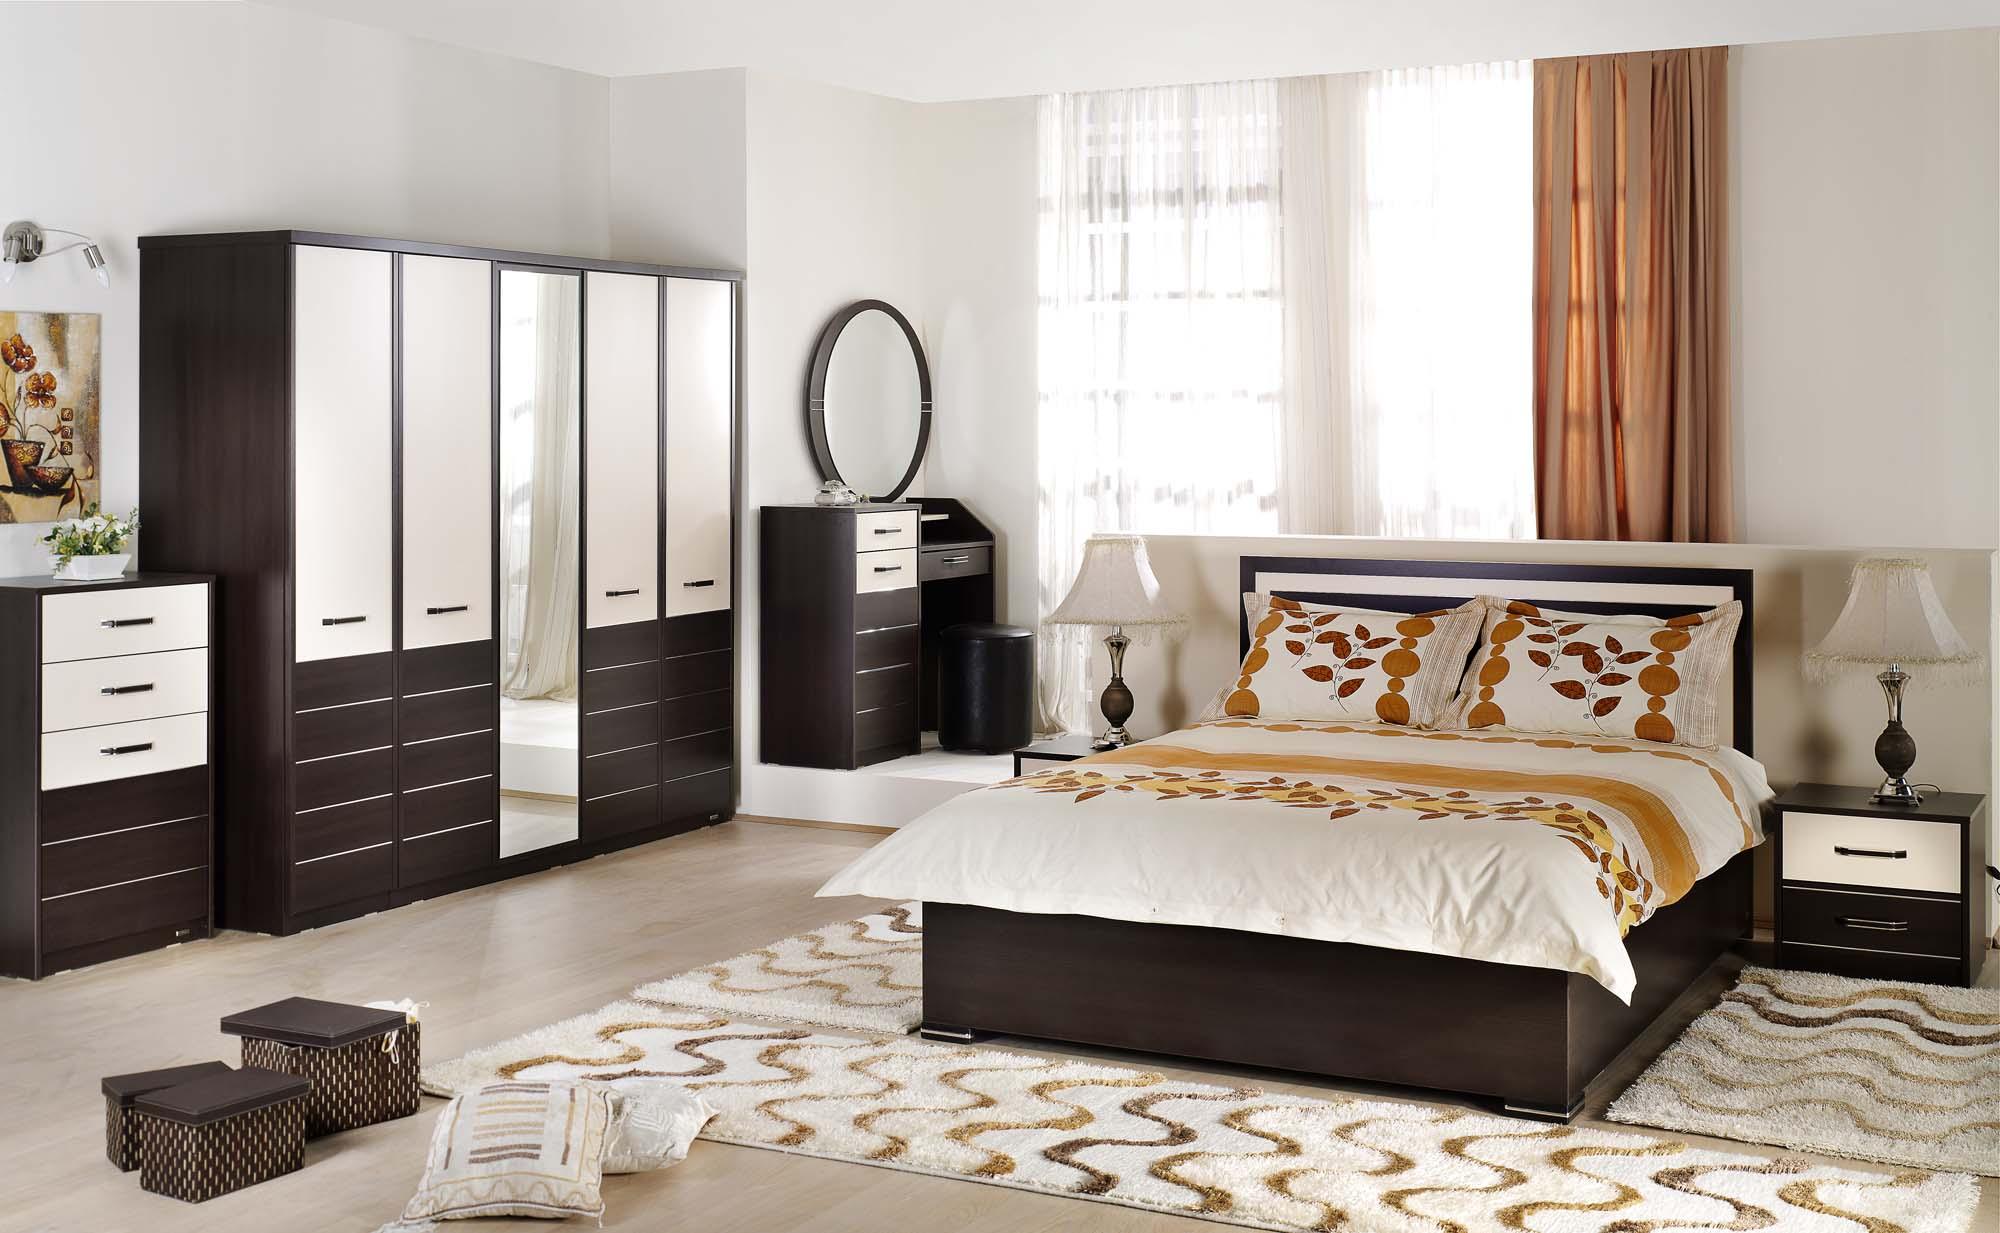 En Ucuz Yatak Odası Takımları ve fiyatları